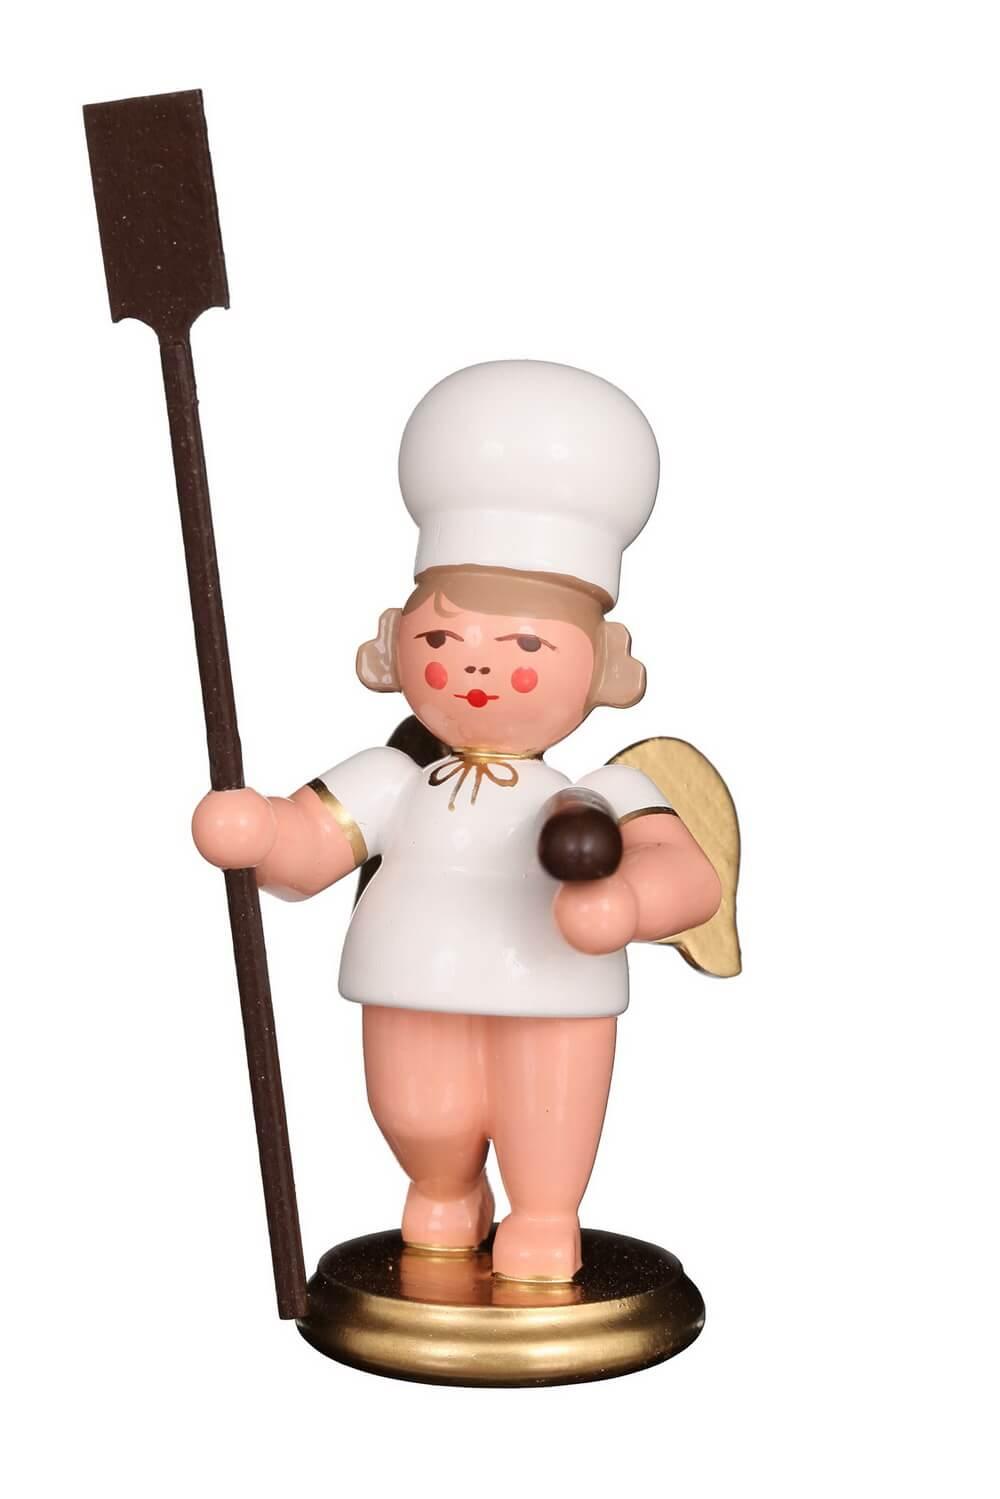 Weihnachtsengel - Bäckerengel mit Brotschieber, 8 cm von Christian Ulbricht GmbH & Co KG Seiffen/ Erzgebirge